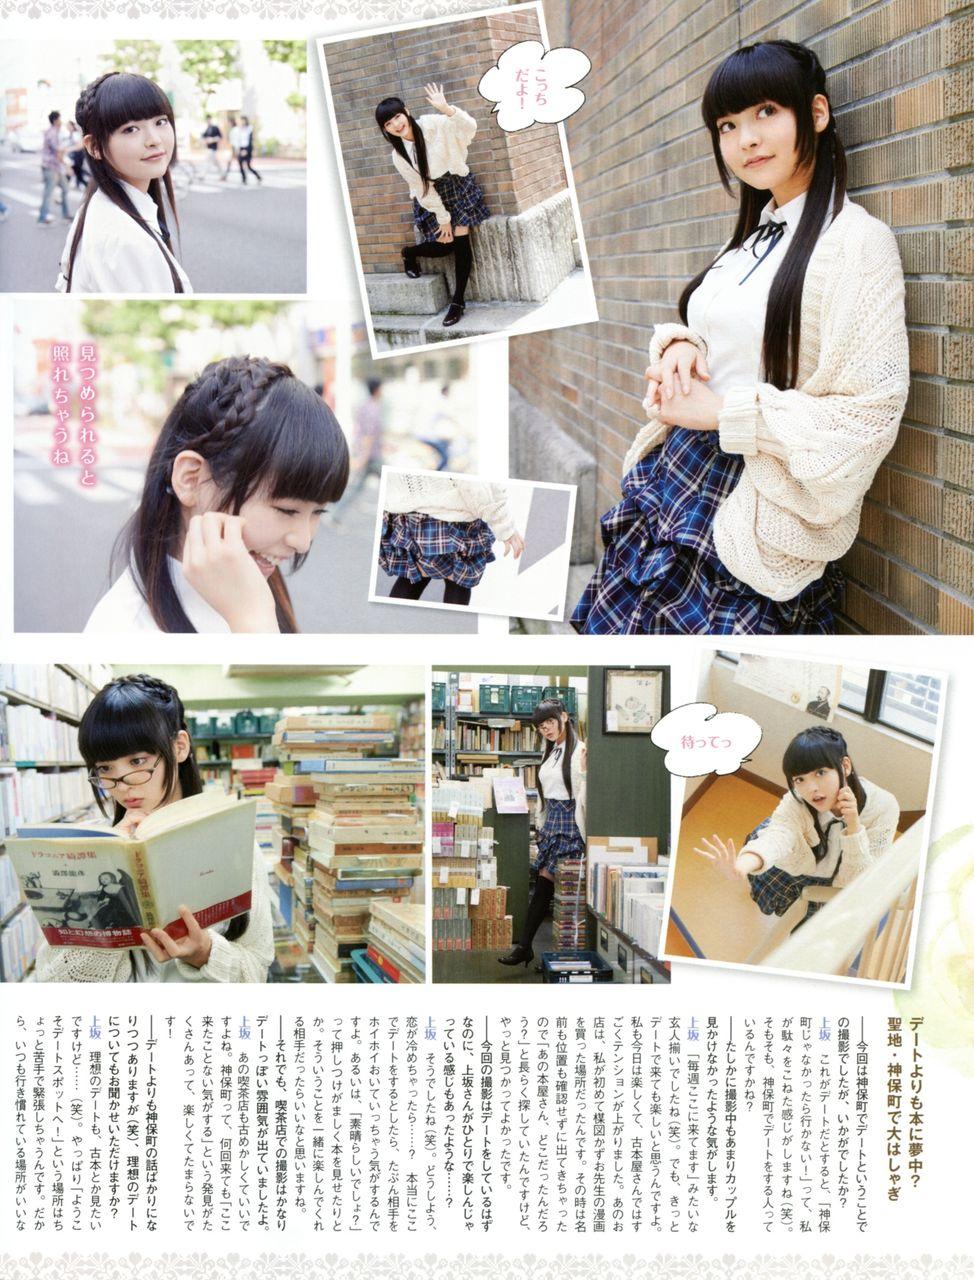 http://livedoor.blogimg.jp/an_soku/imgs/5/e/5e2b0e74.jpg